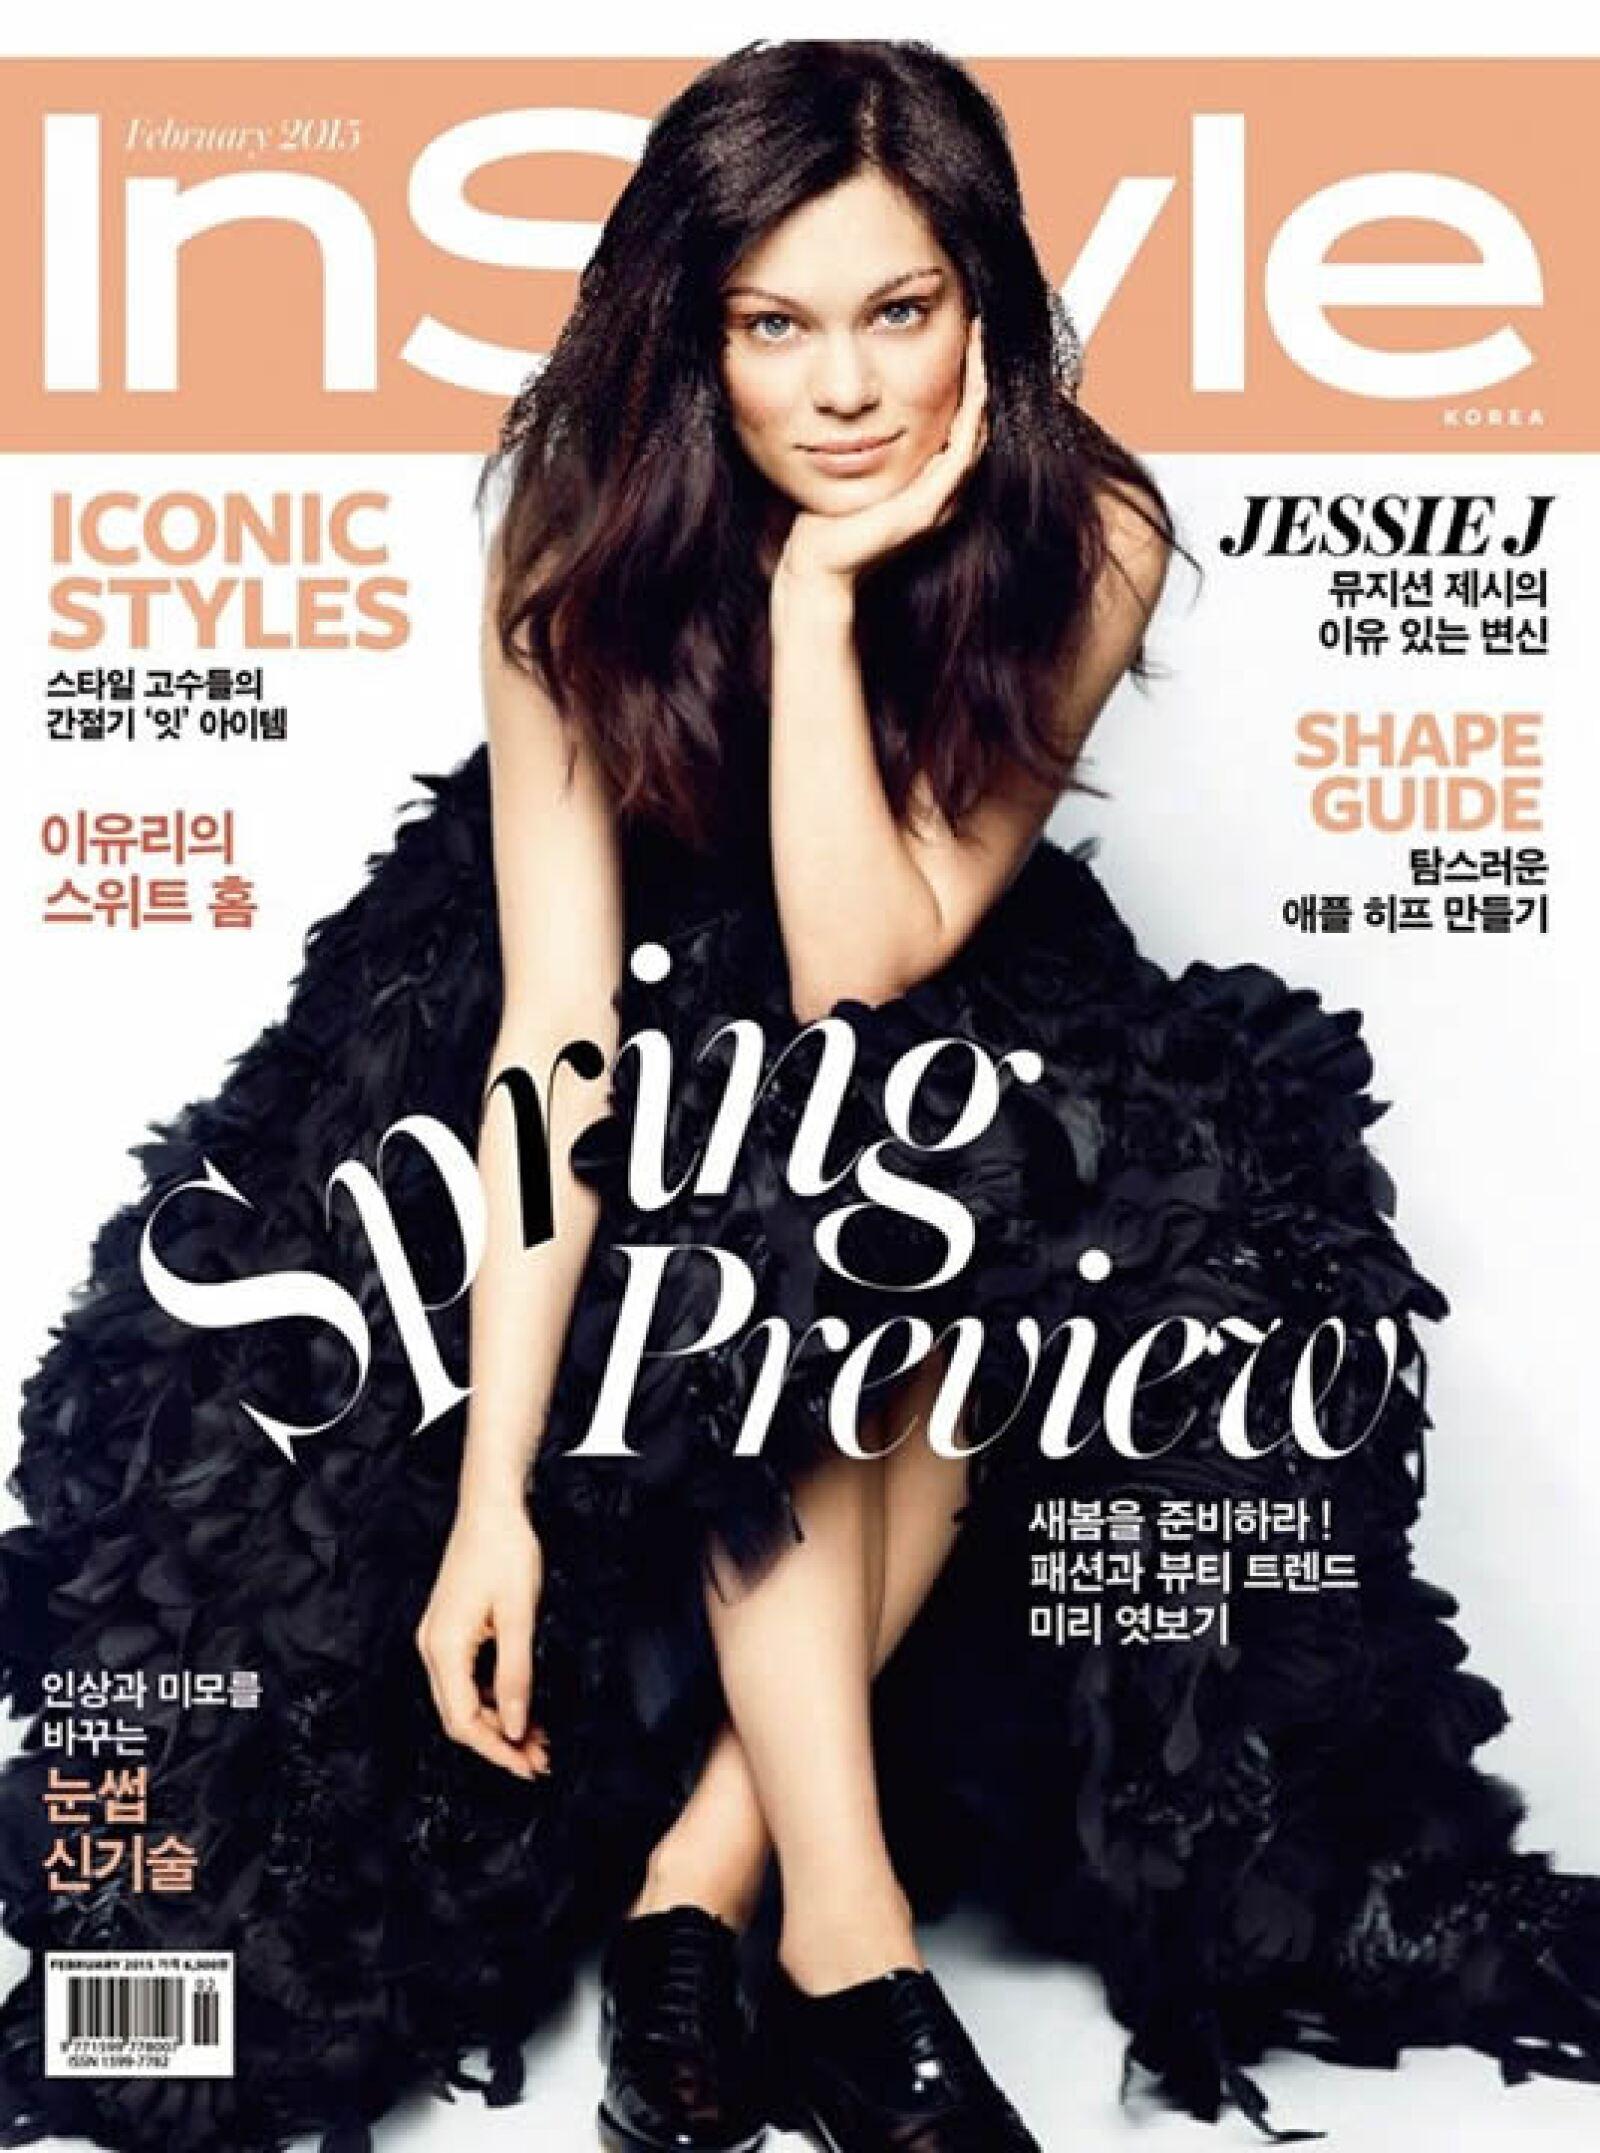 La revista InStyle de Corea, eligió a Jessie J. para su portada.